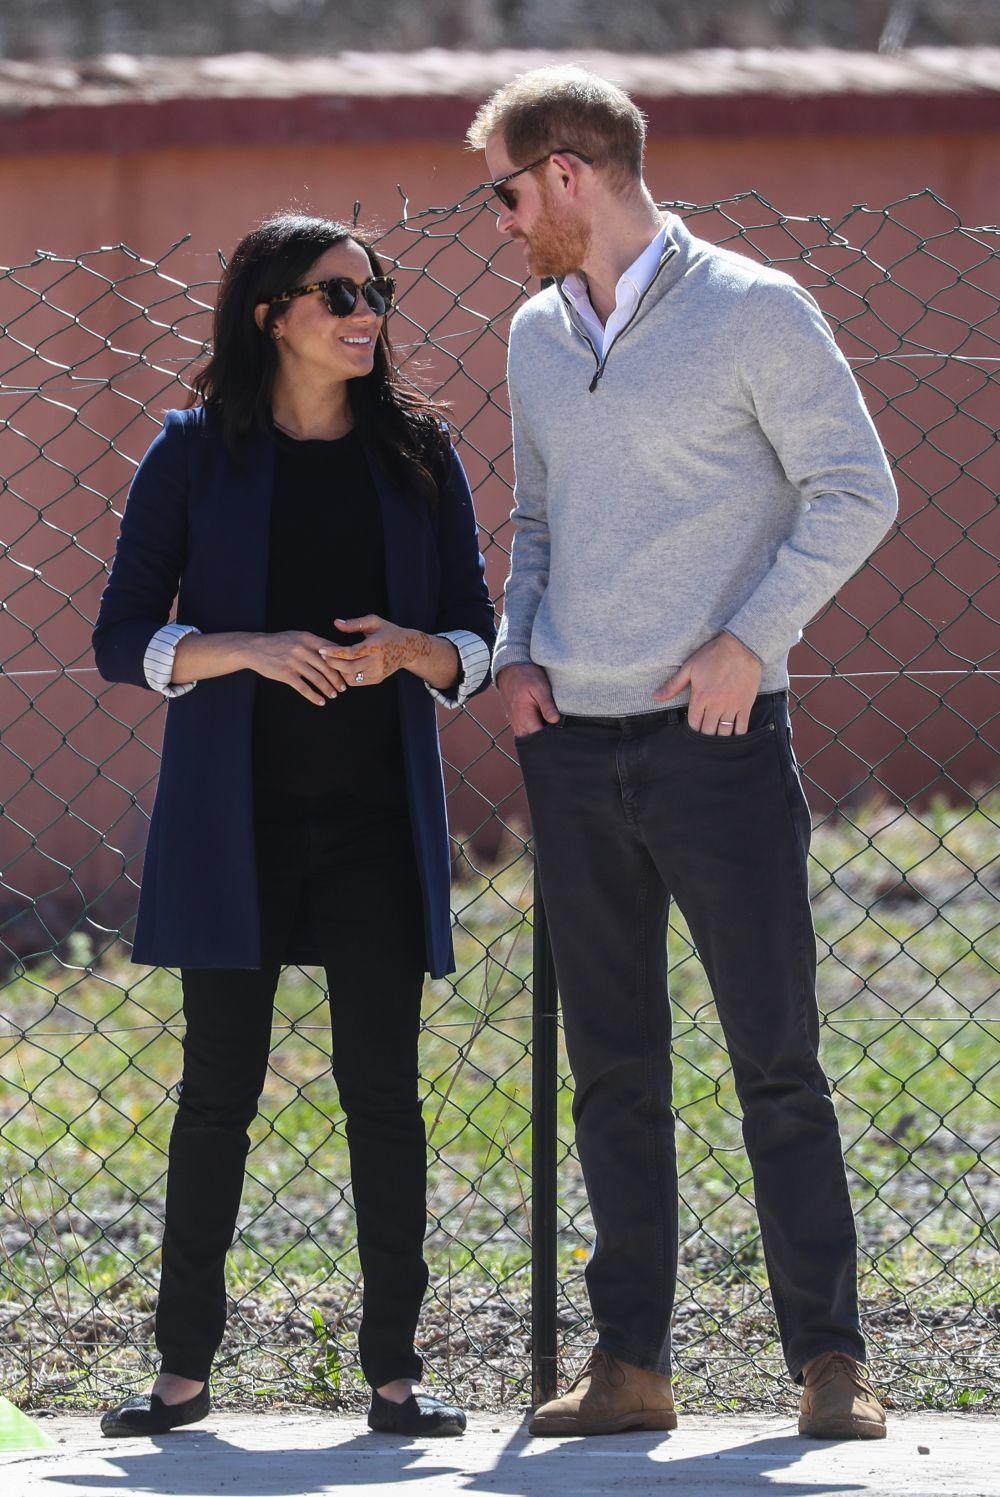 Meghan markle con blazer azul, pitillos y camiseta en negro y zapato...